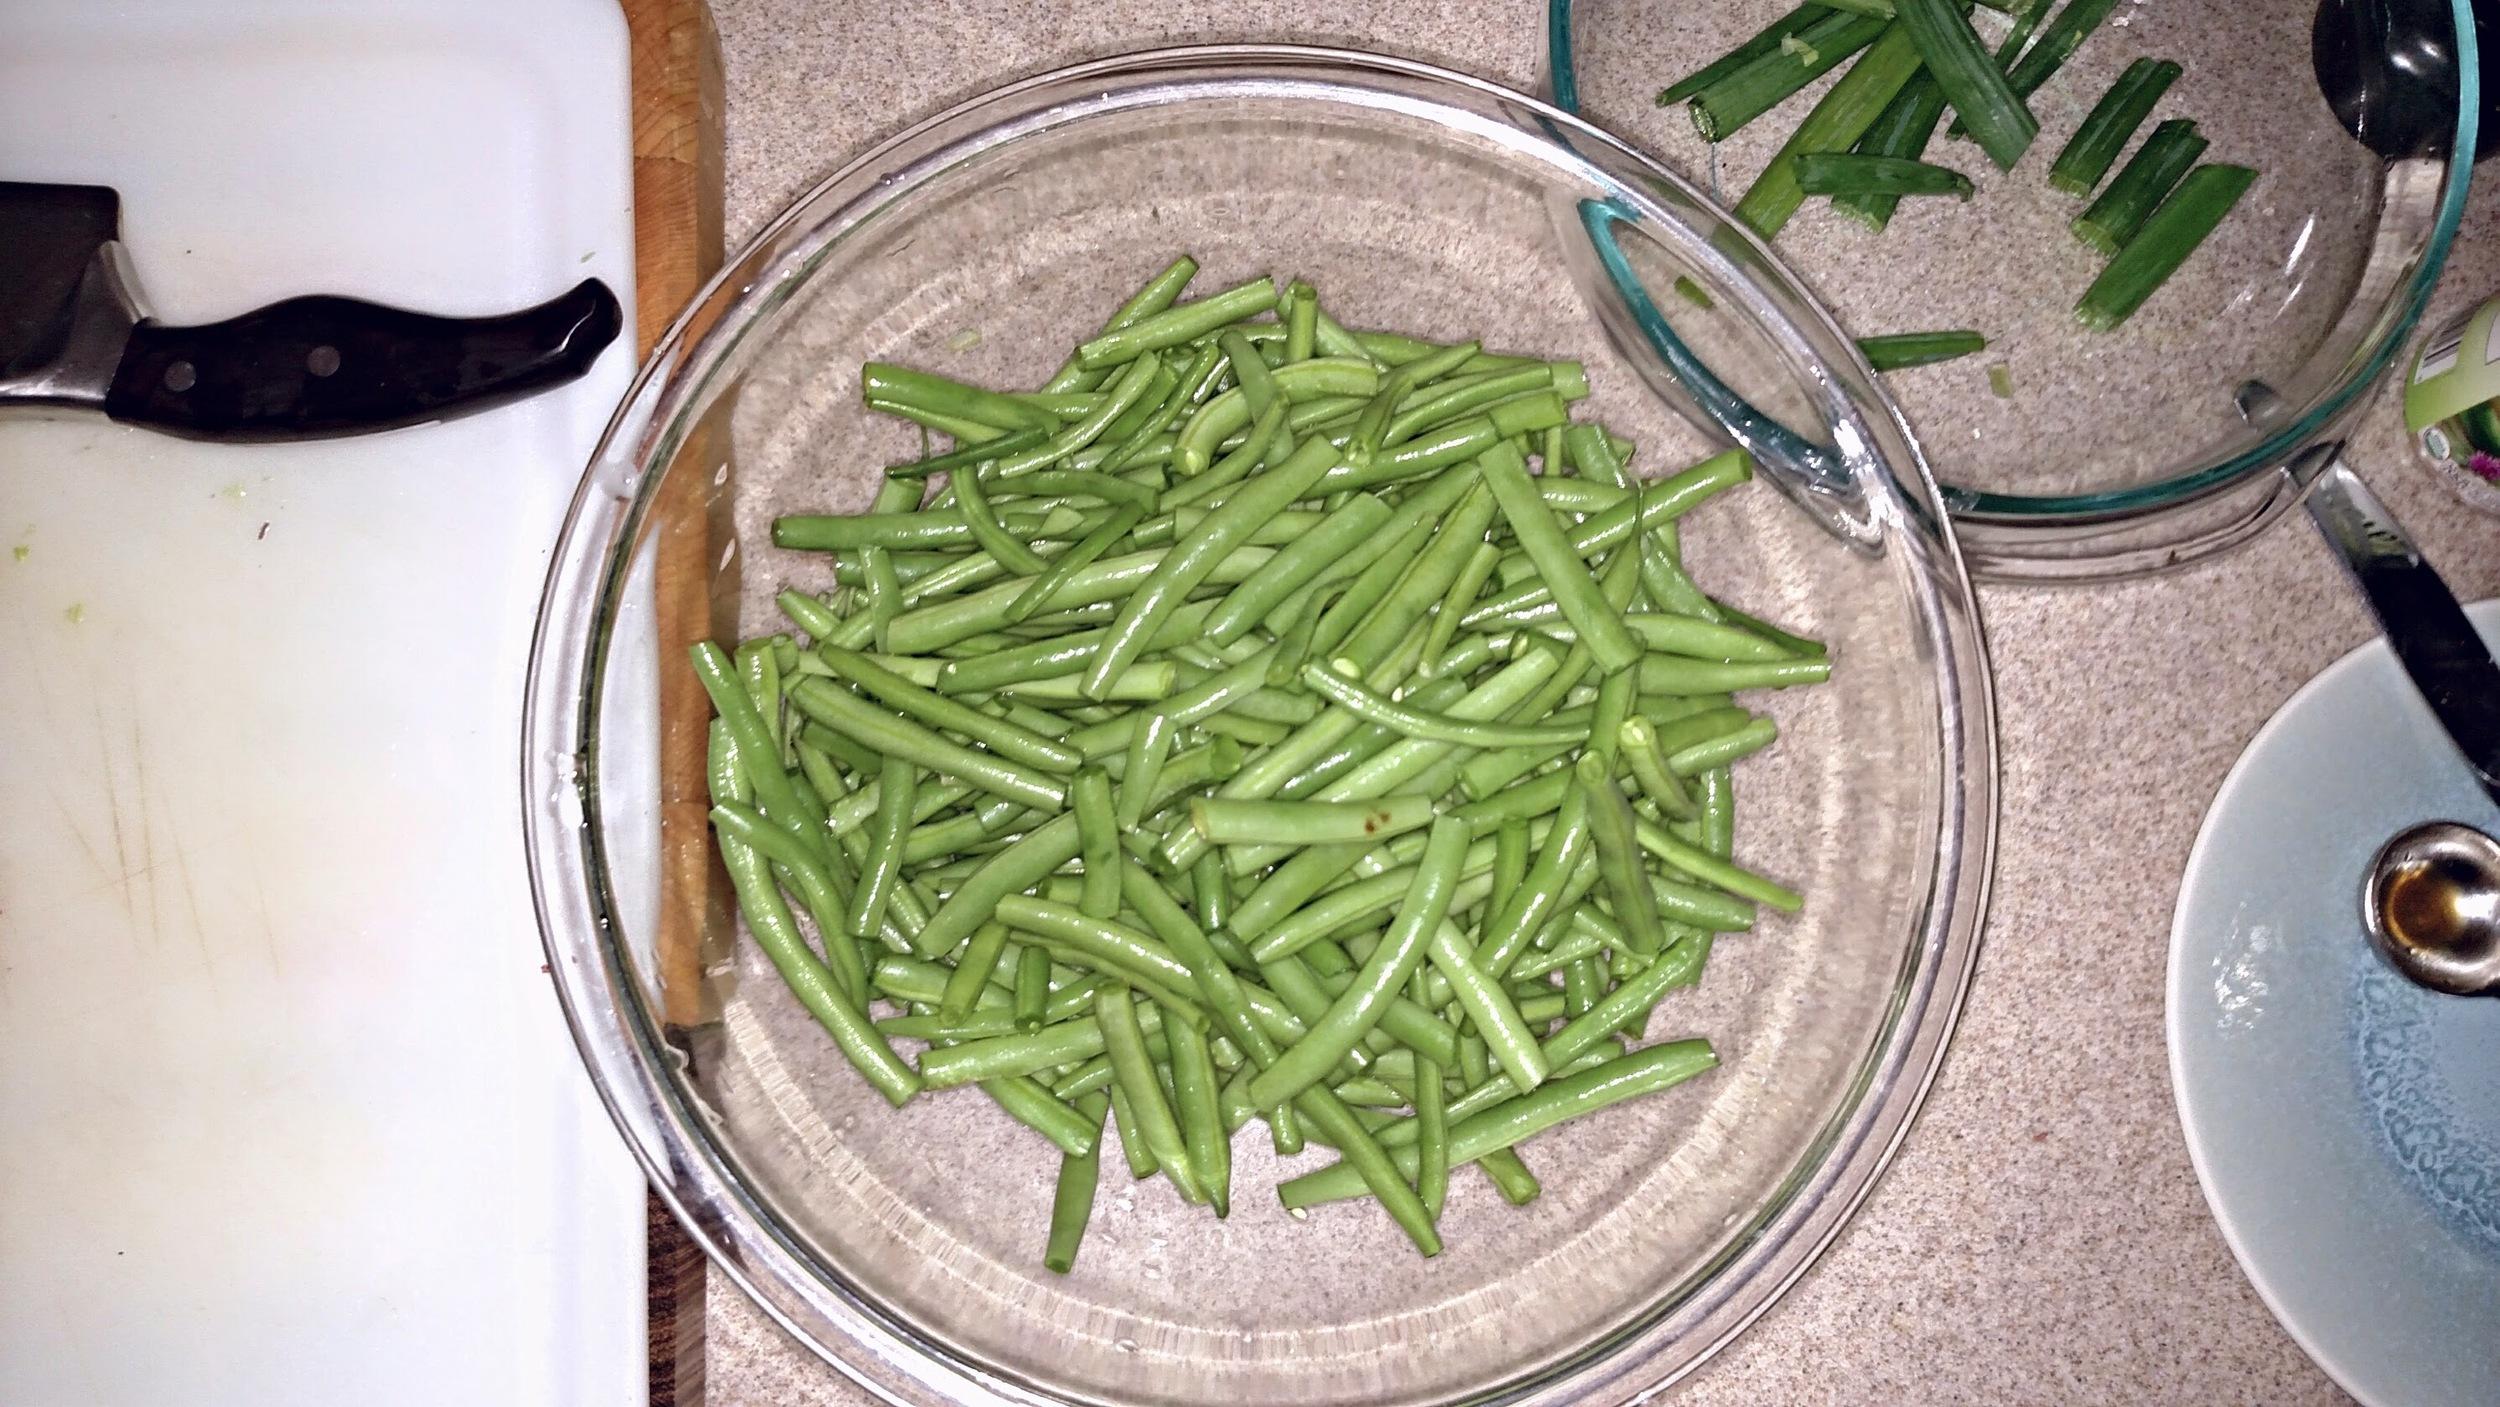 This Week in Food - Crispy Green Beans